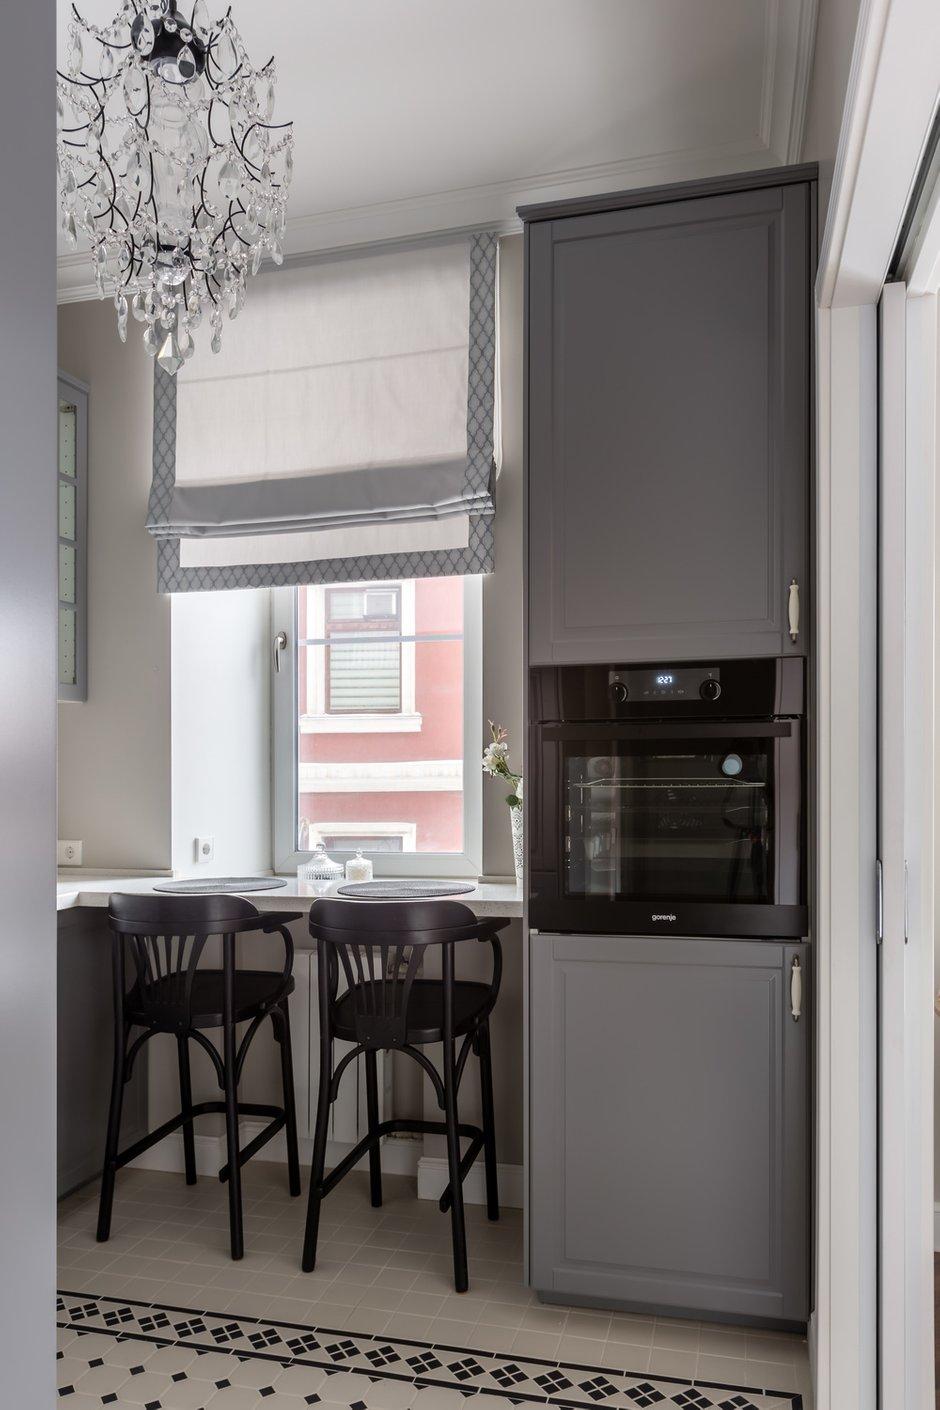 Фотография: Кухня и столовая в стиле Классический, Квартира, Проект недели, Москва, 2 комнаты, 60-90 метров, Muzahouse – фото на INMYROOM